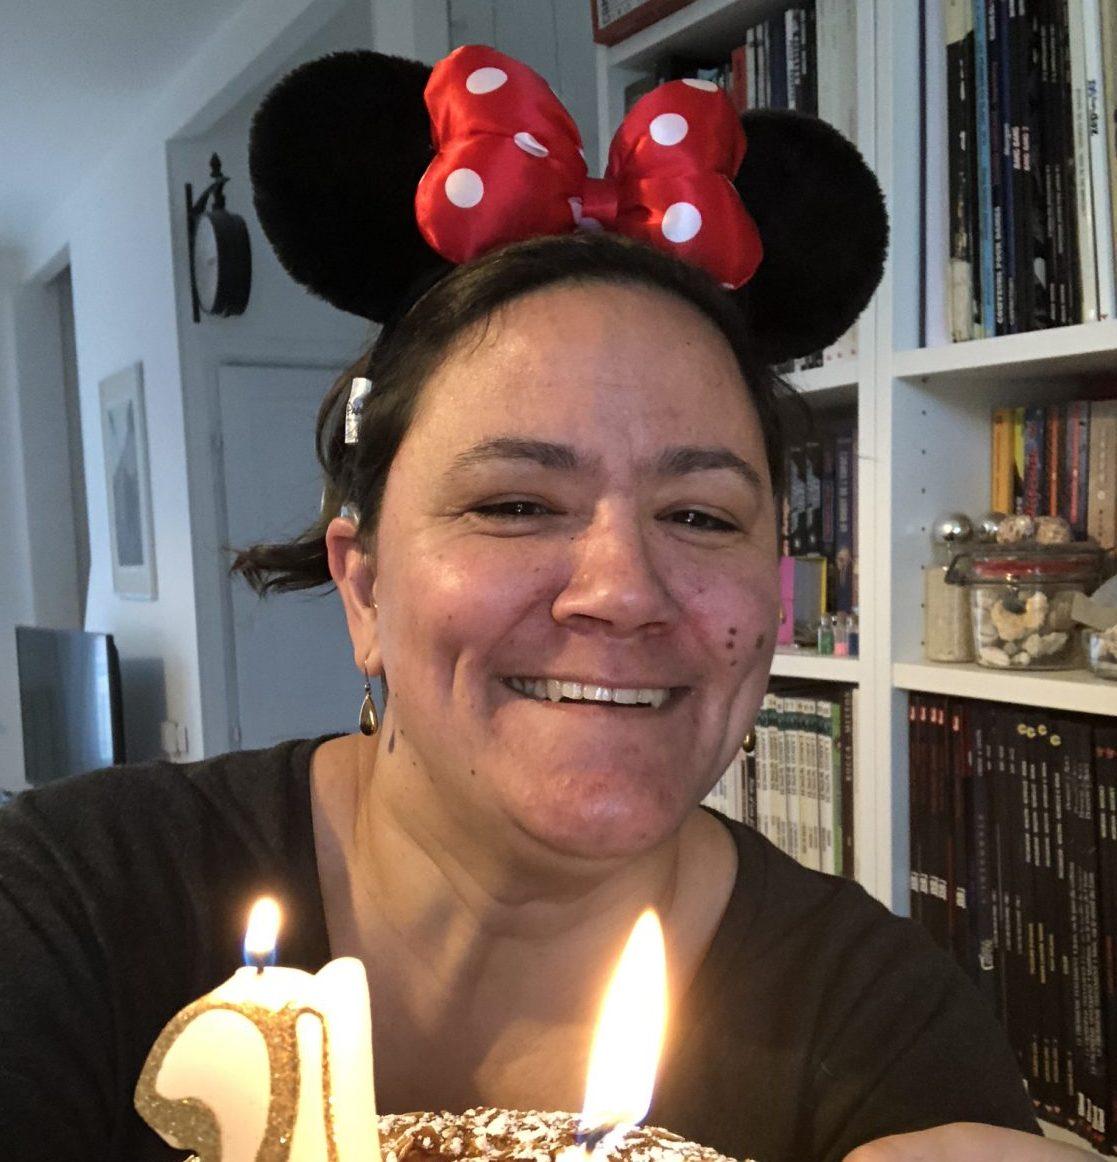 Sophie avec des oreilles de minnie et un gâteau portant des bougies dessus